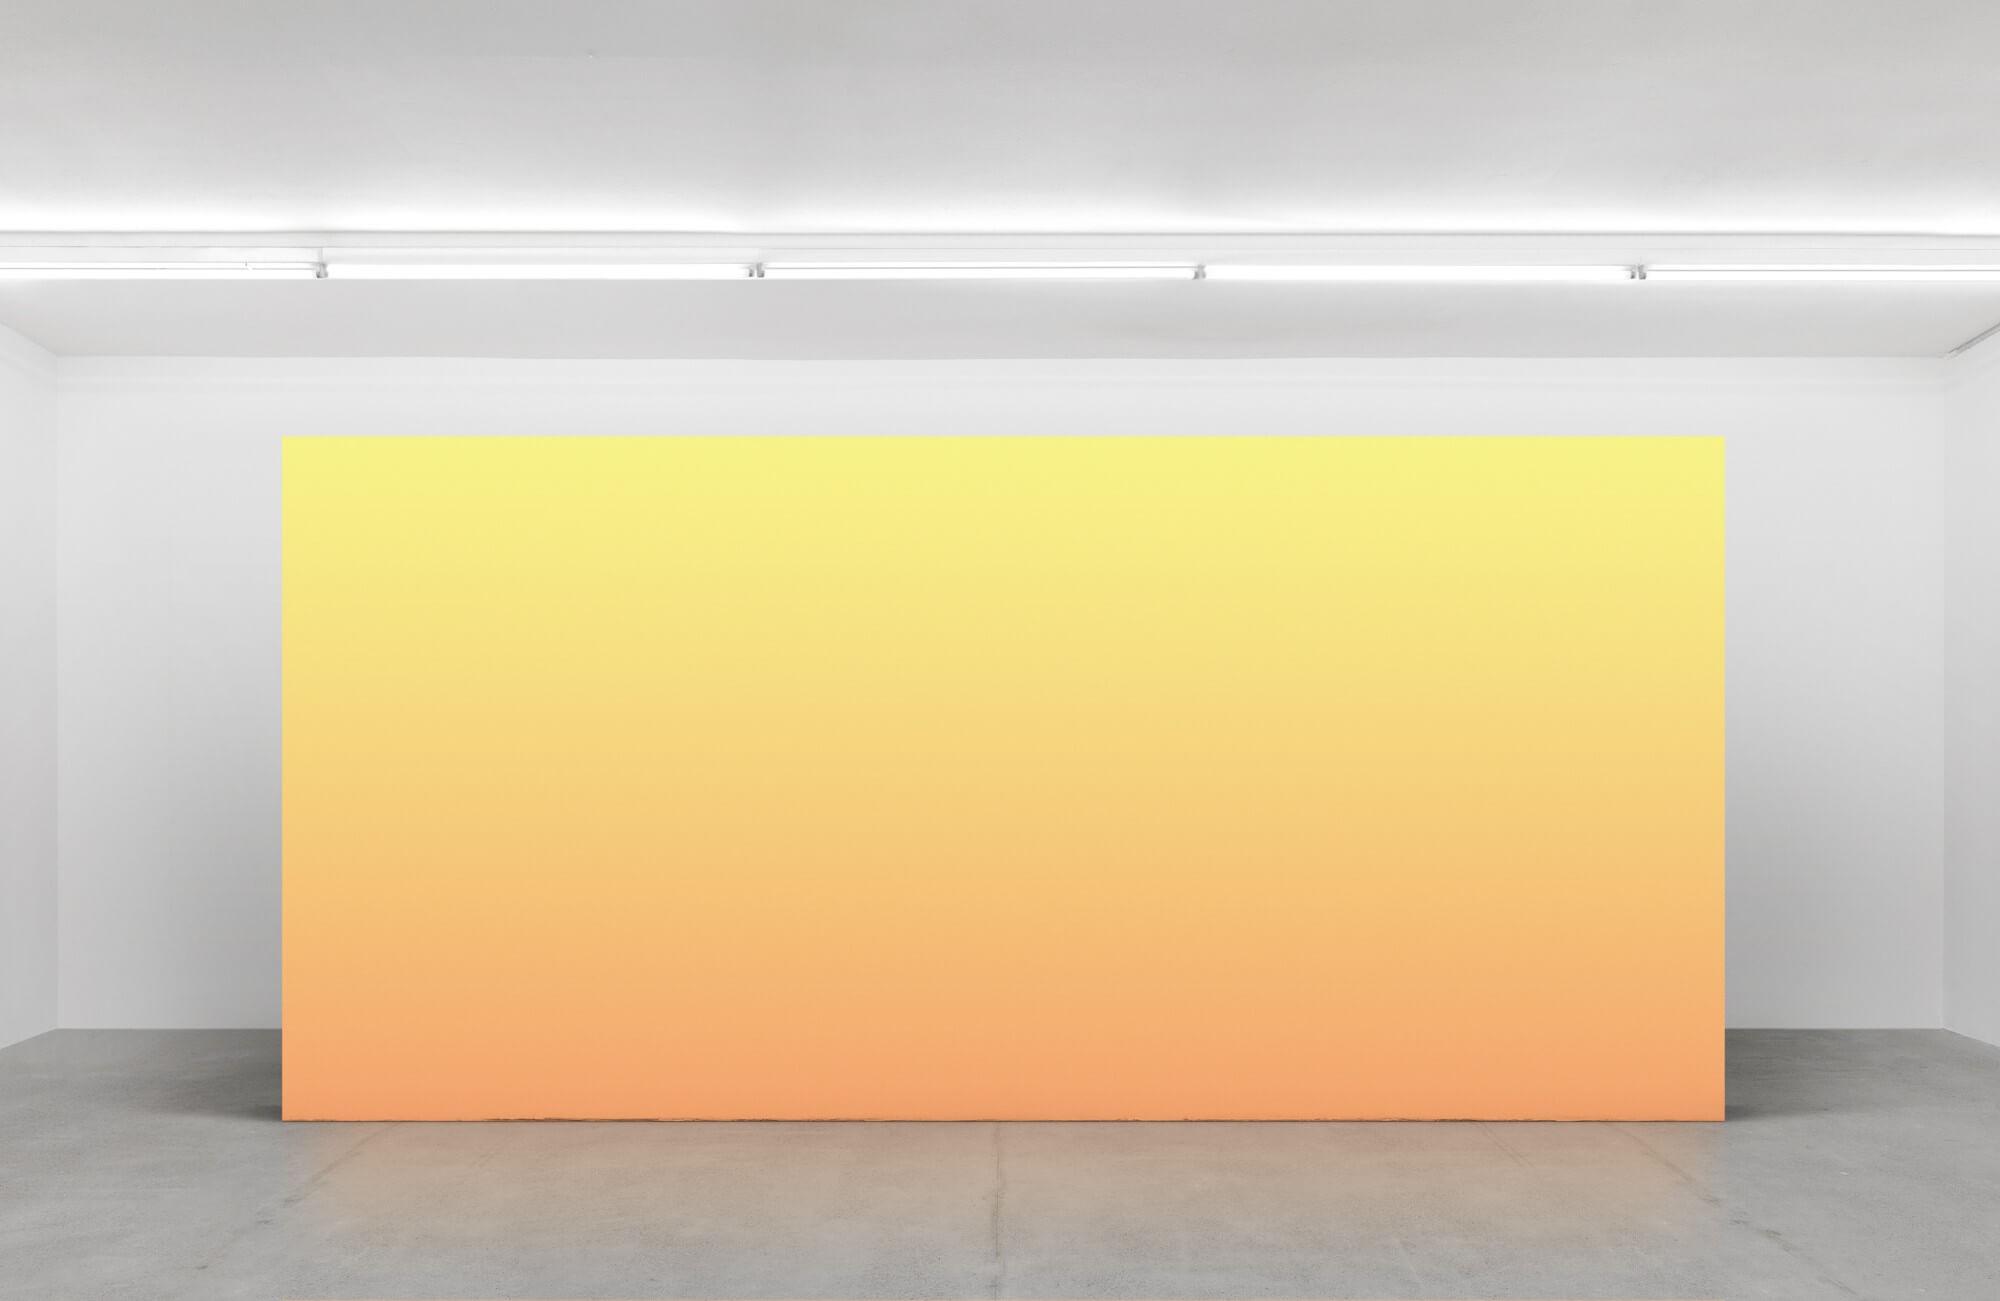 sunrisesunset IV | UGO RONDINONE